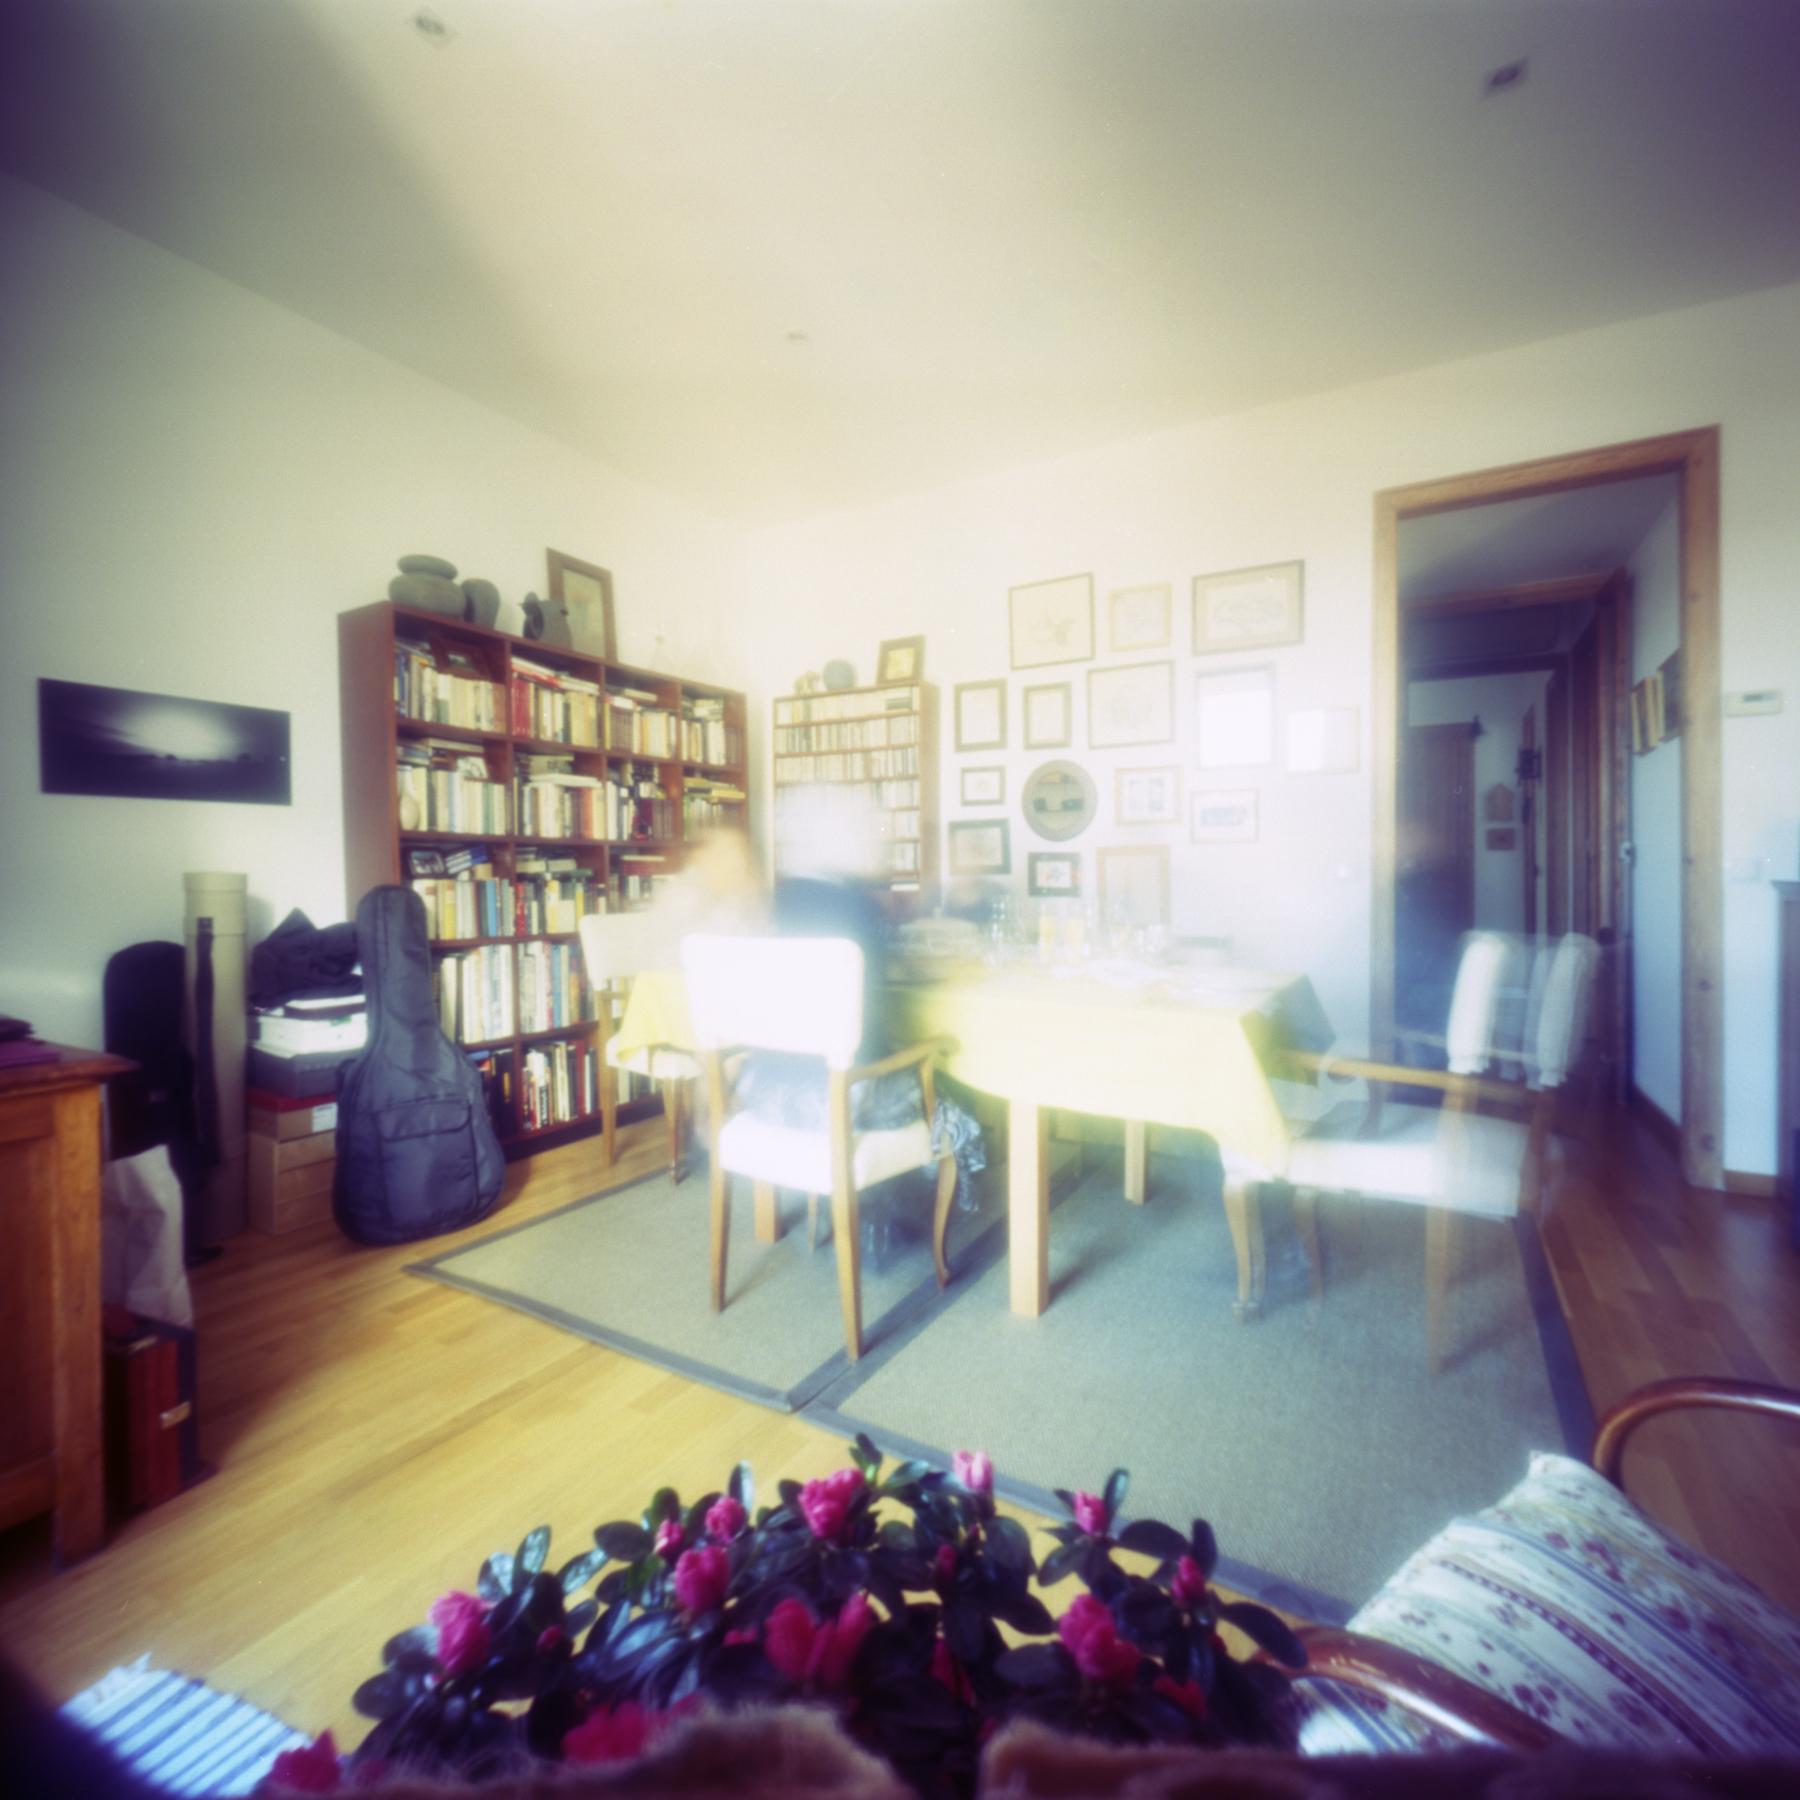 lunch time | 6x6 Katatumuri cardboard pinhole cam | Kodak Ektar 100 | Jesús Joglar